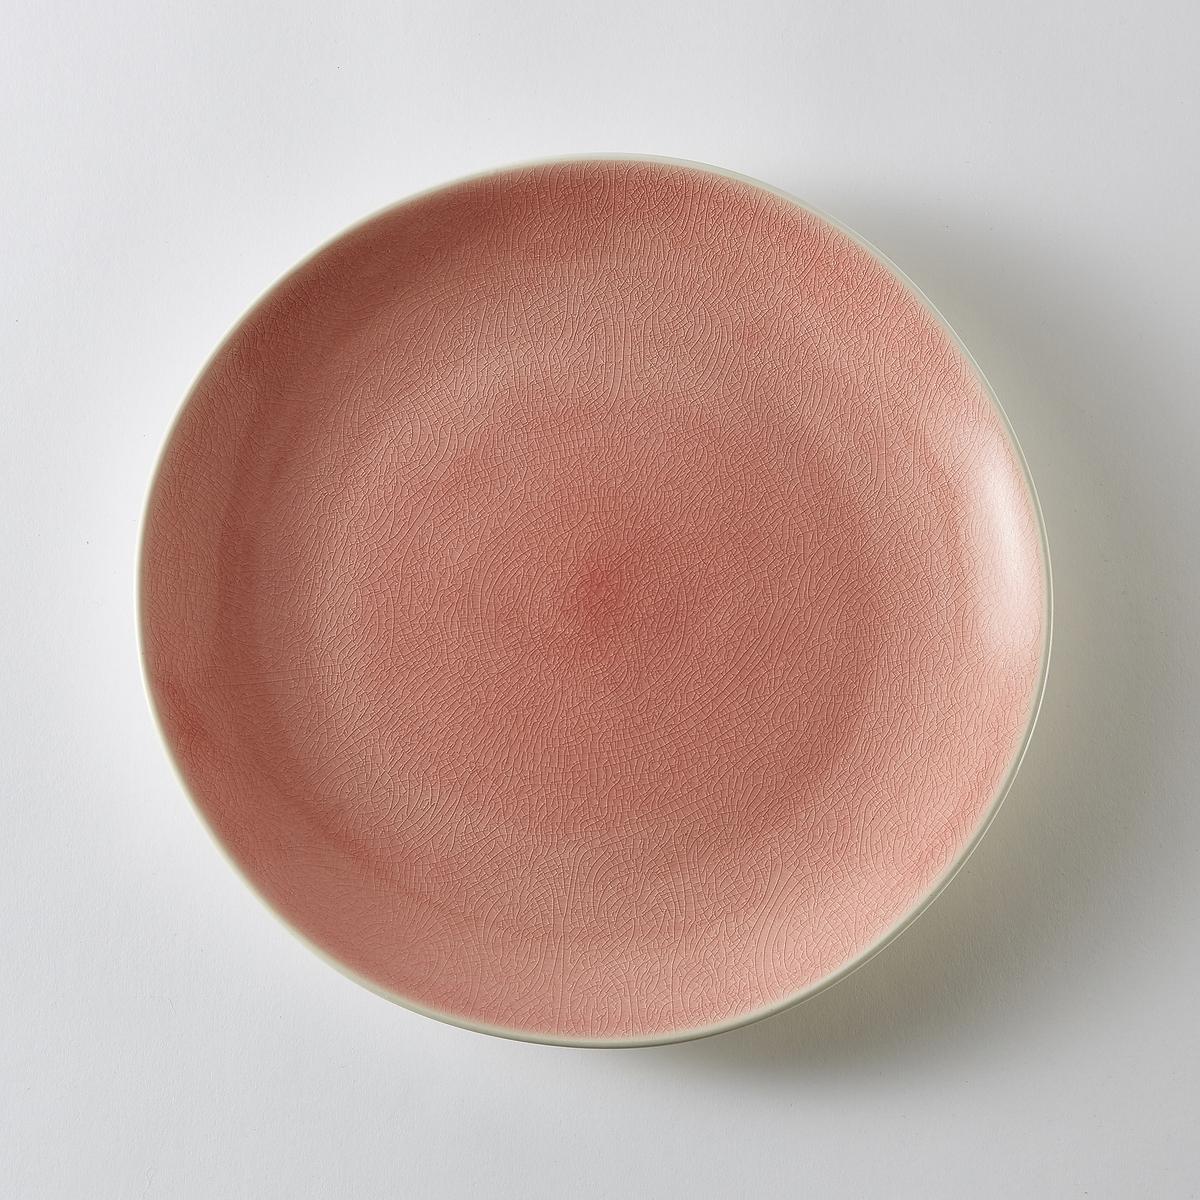 Комплект из 4 мелких тарелок из фаянса Gogain4 мелкие тарелки из двухцветного фаянса Gogain . Завтрак, обед или ужин, La Redoute Int?rieurs Вас приглашает к столу.Характеристики 4 мелких тарелок из фаянса Gogain    :- Фаянс с матовой отделкой снаружи, внутри - с отделкой контрастными кракелюрами .- Диаметр 27 см  .- Можно использовать в посудомоечных машинах и микроволновых печах.Всю коллекцию посуды Gogain вы можете найти на сайте laredoute.ru<br><br>Цвет: зеленый,серо-синий,темно-розовый